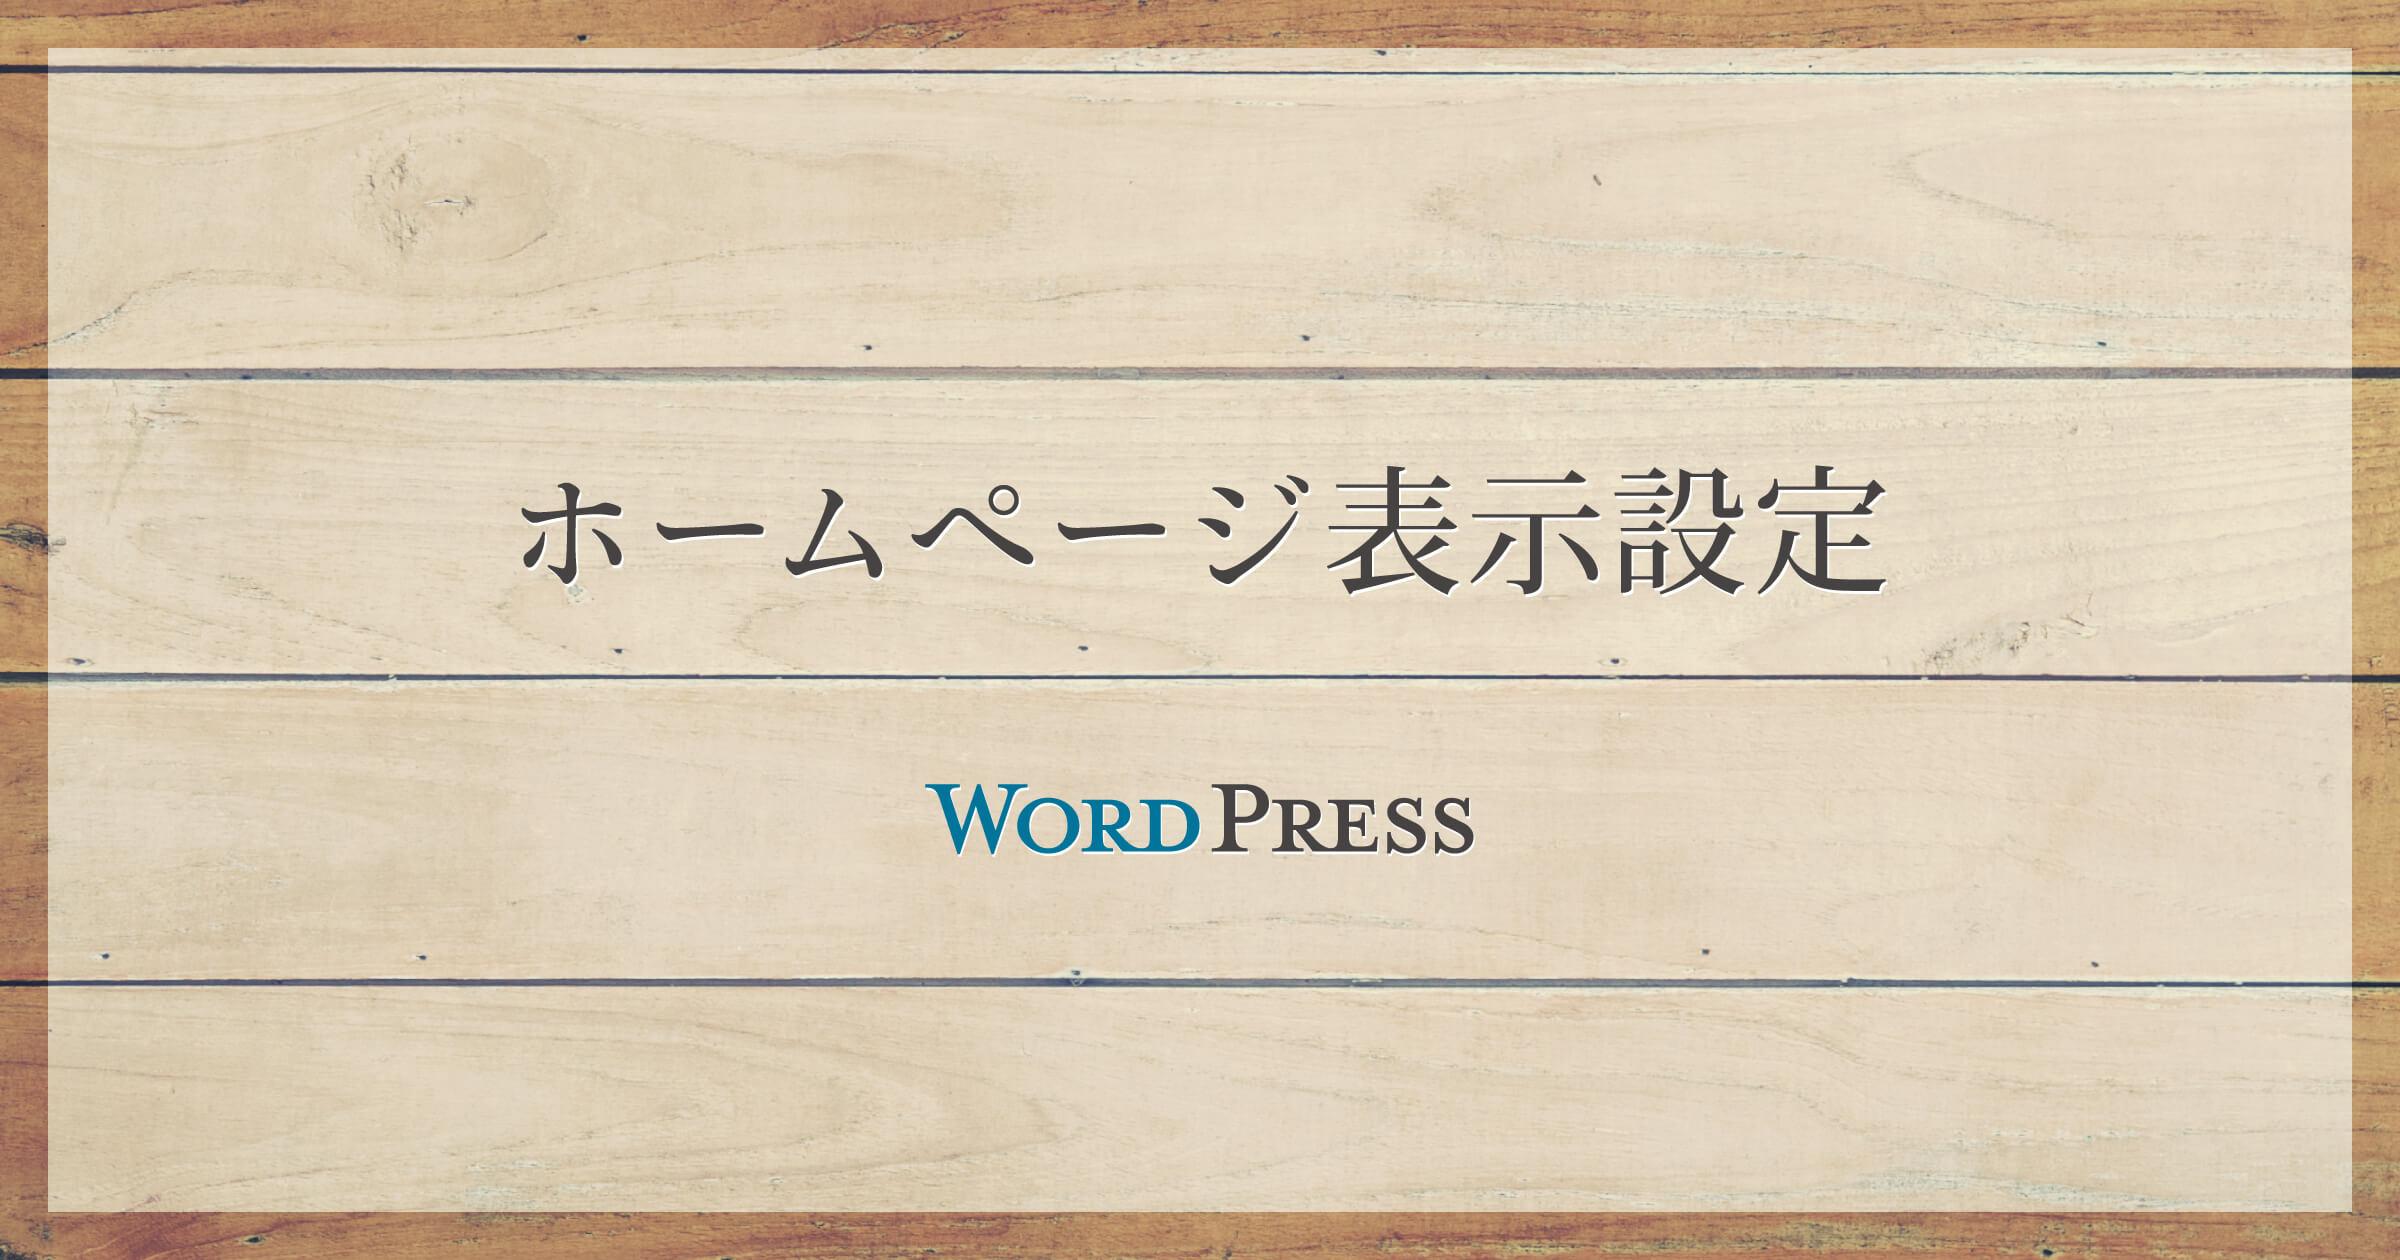 WordPressの「ホームページの表示設定」による様々な挙動の違いまとめ。